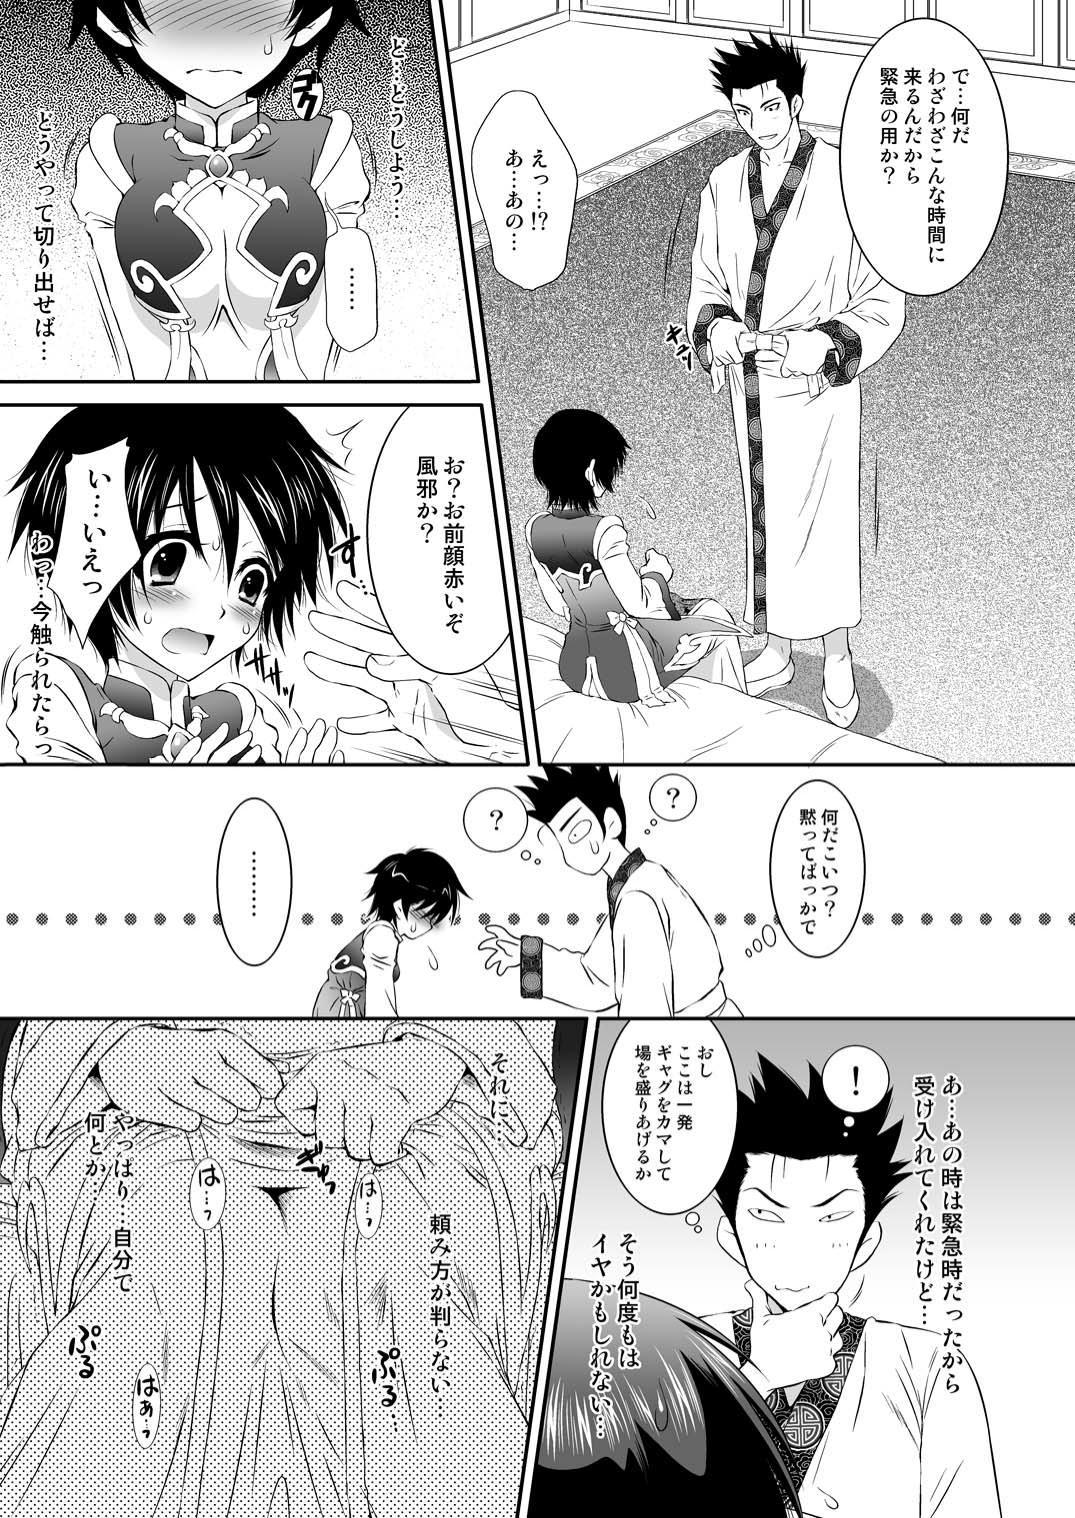 [U.R.C (MOMOYA SHOW-NEKO)] Himitsu no Rikuson-chan (Shin Sangoku Musou (Dynasty Warriors)) 7